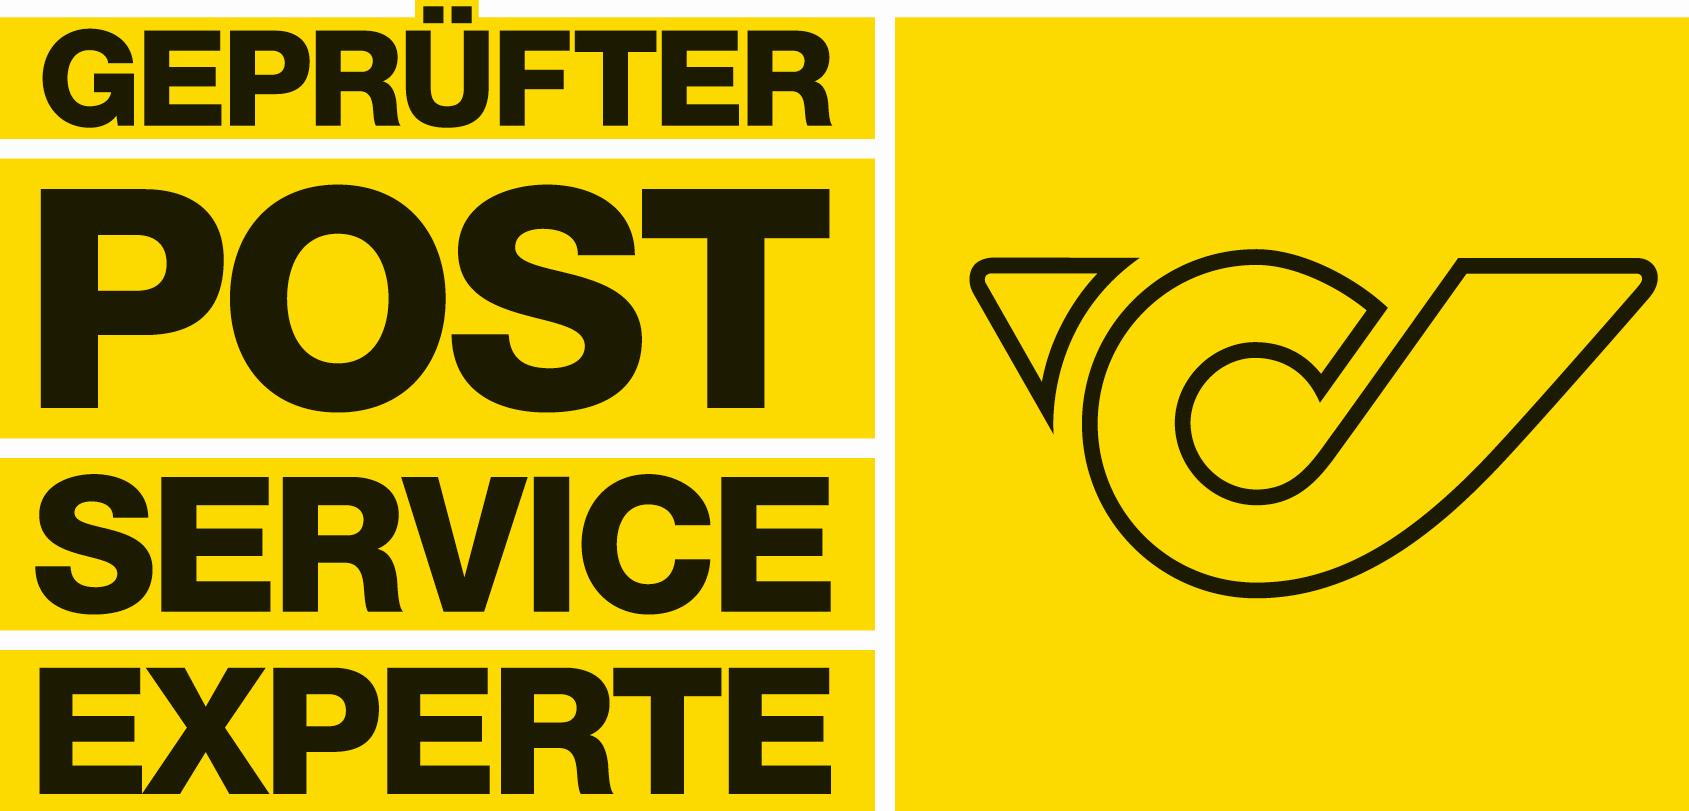 Geprüfter Post Service Experte Österreichische Post